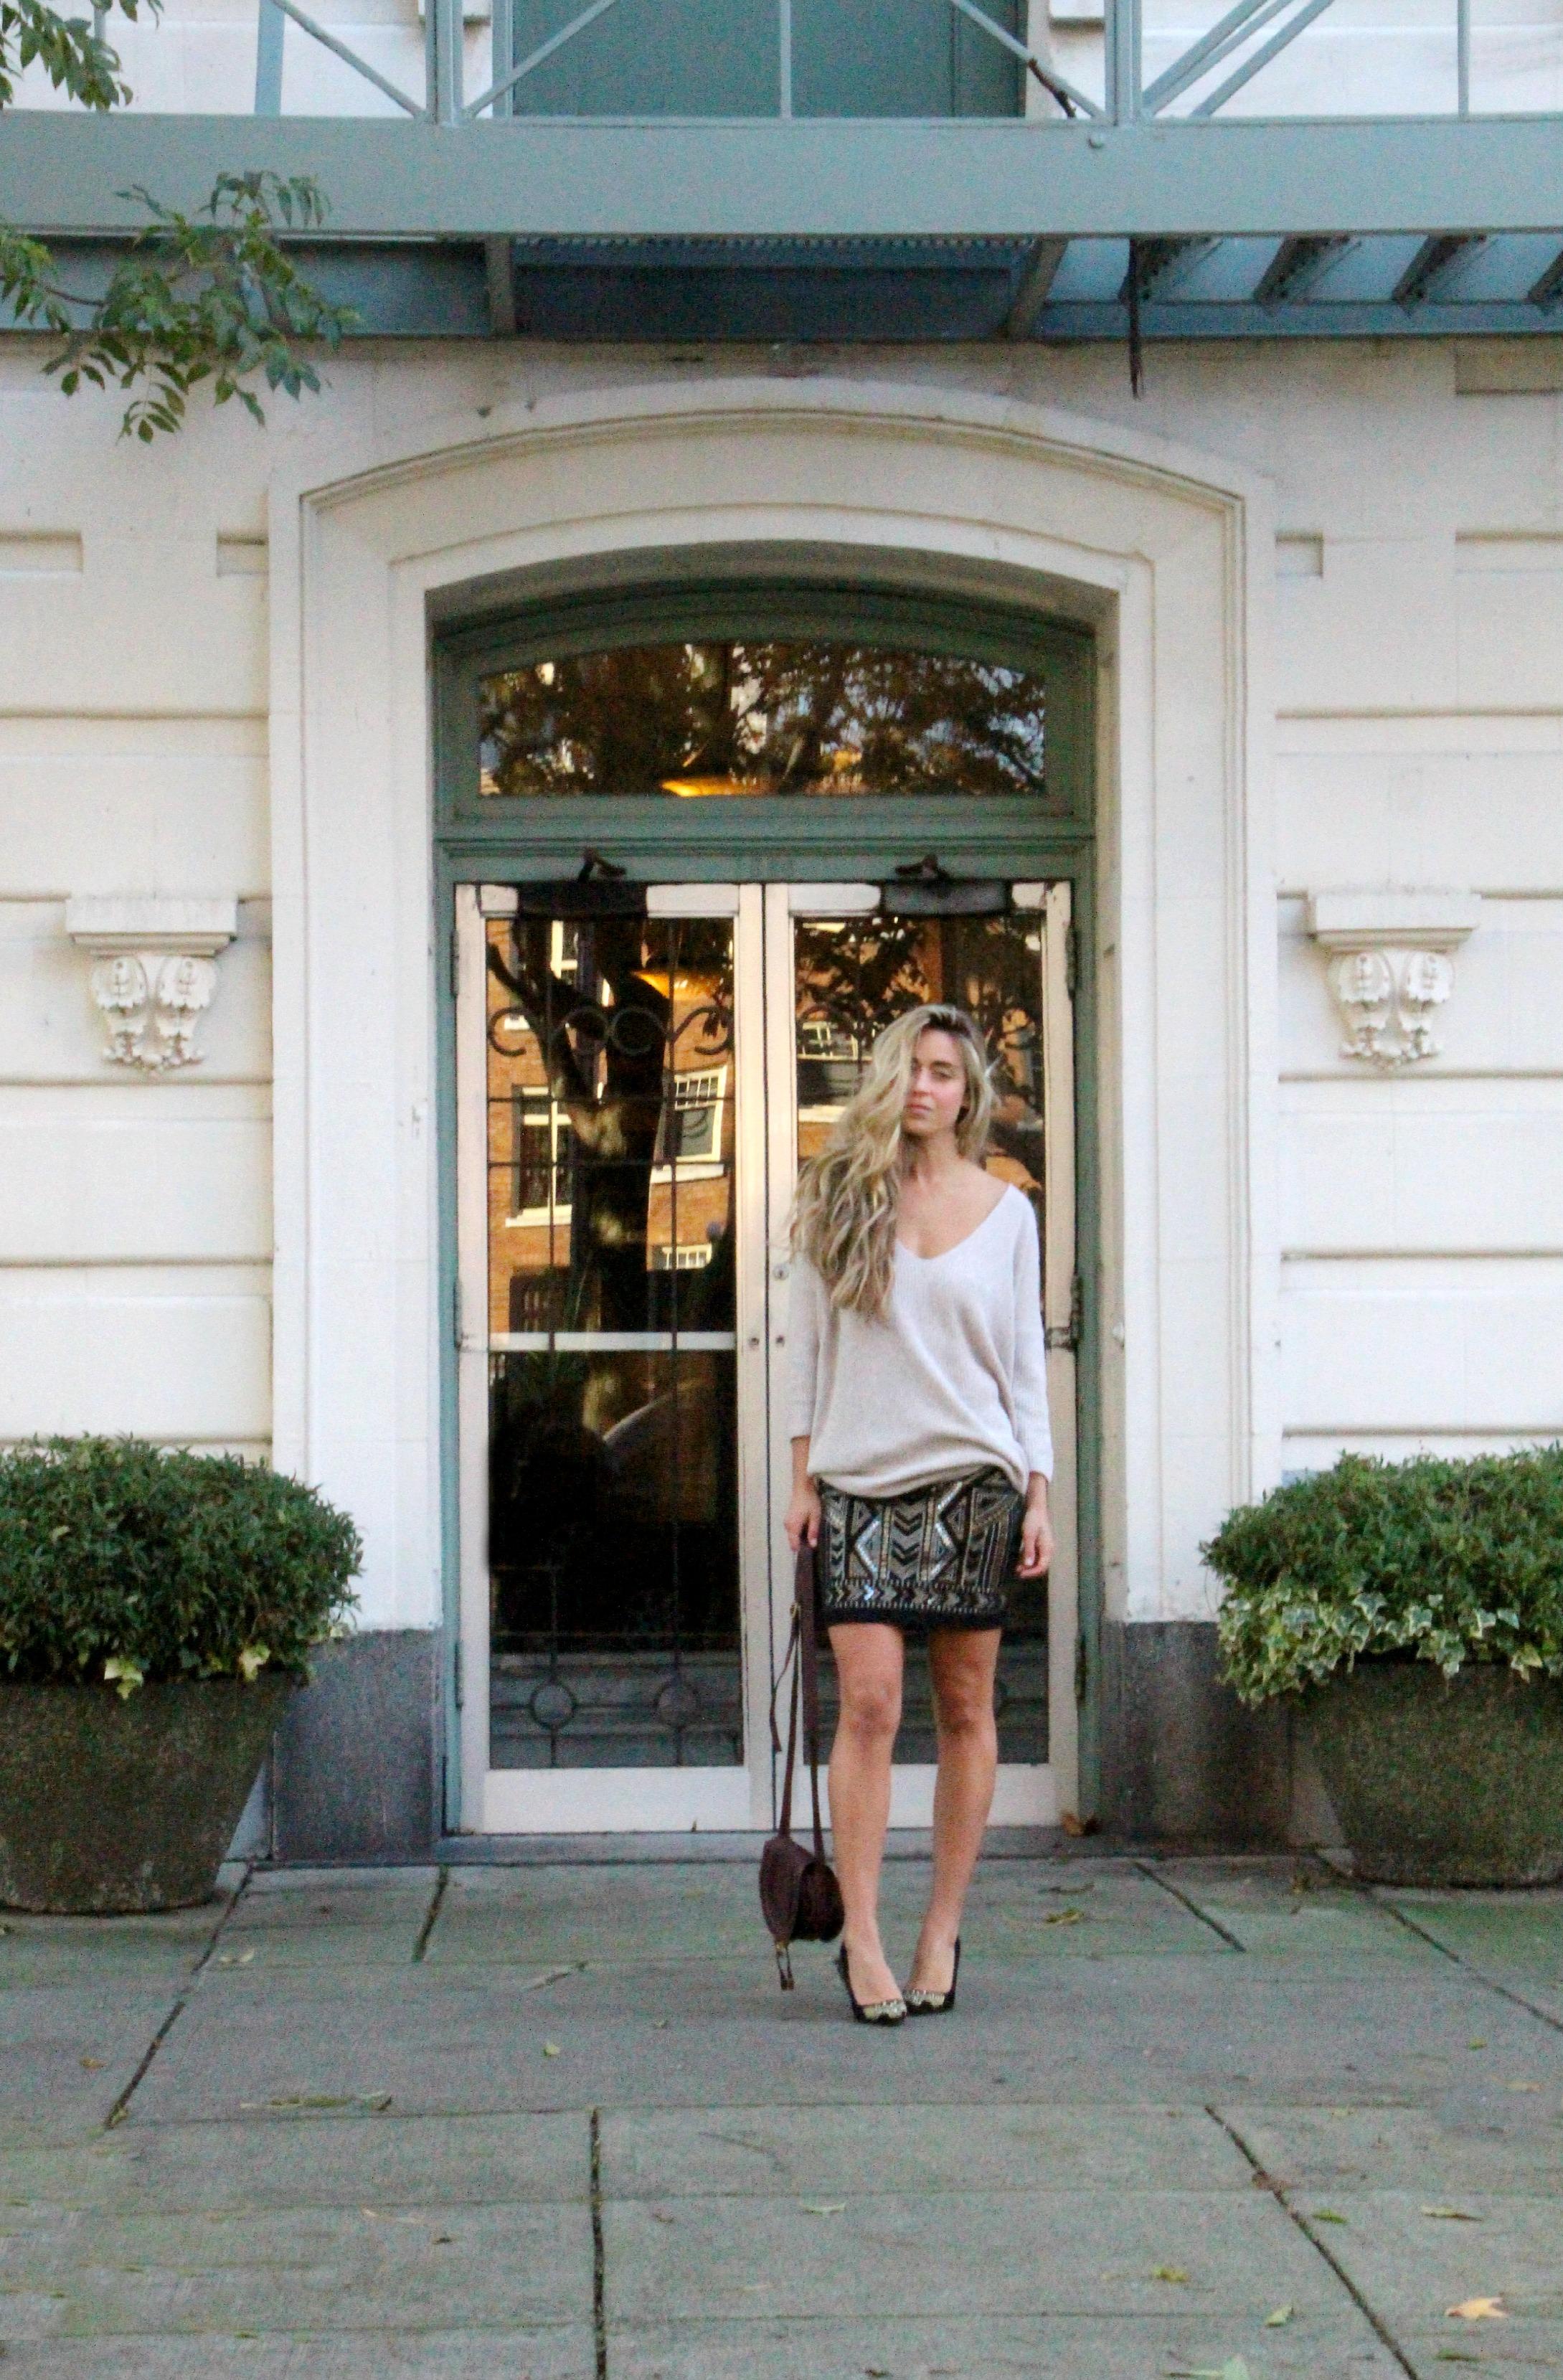 Express   Top  &  Skirt ,  Chloé  Bag,